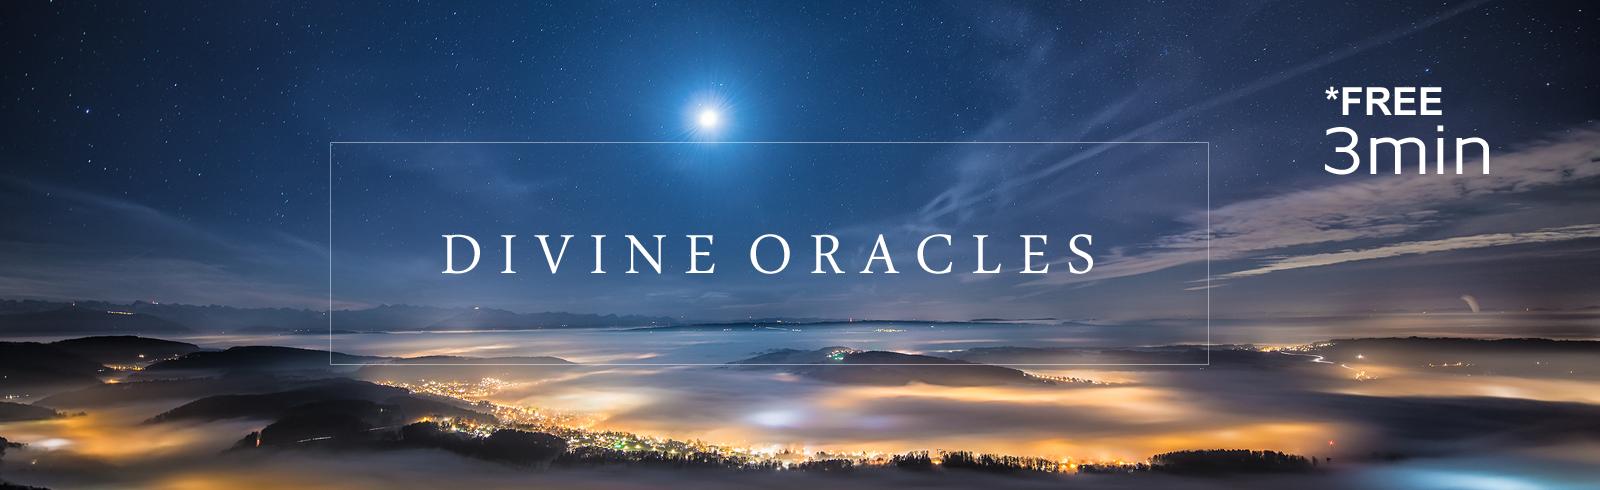 Divine-Oracles